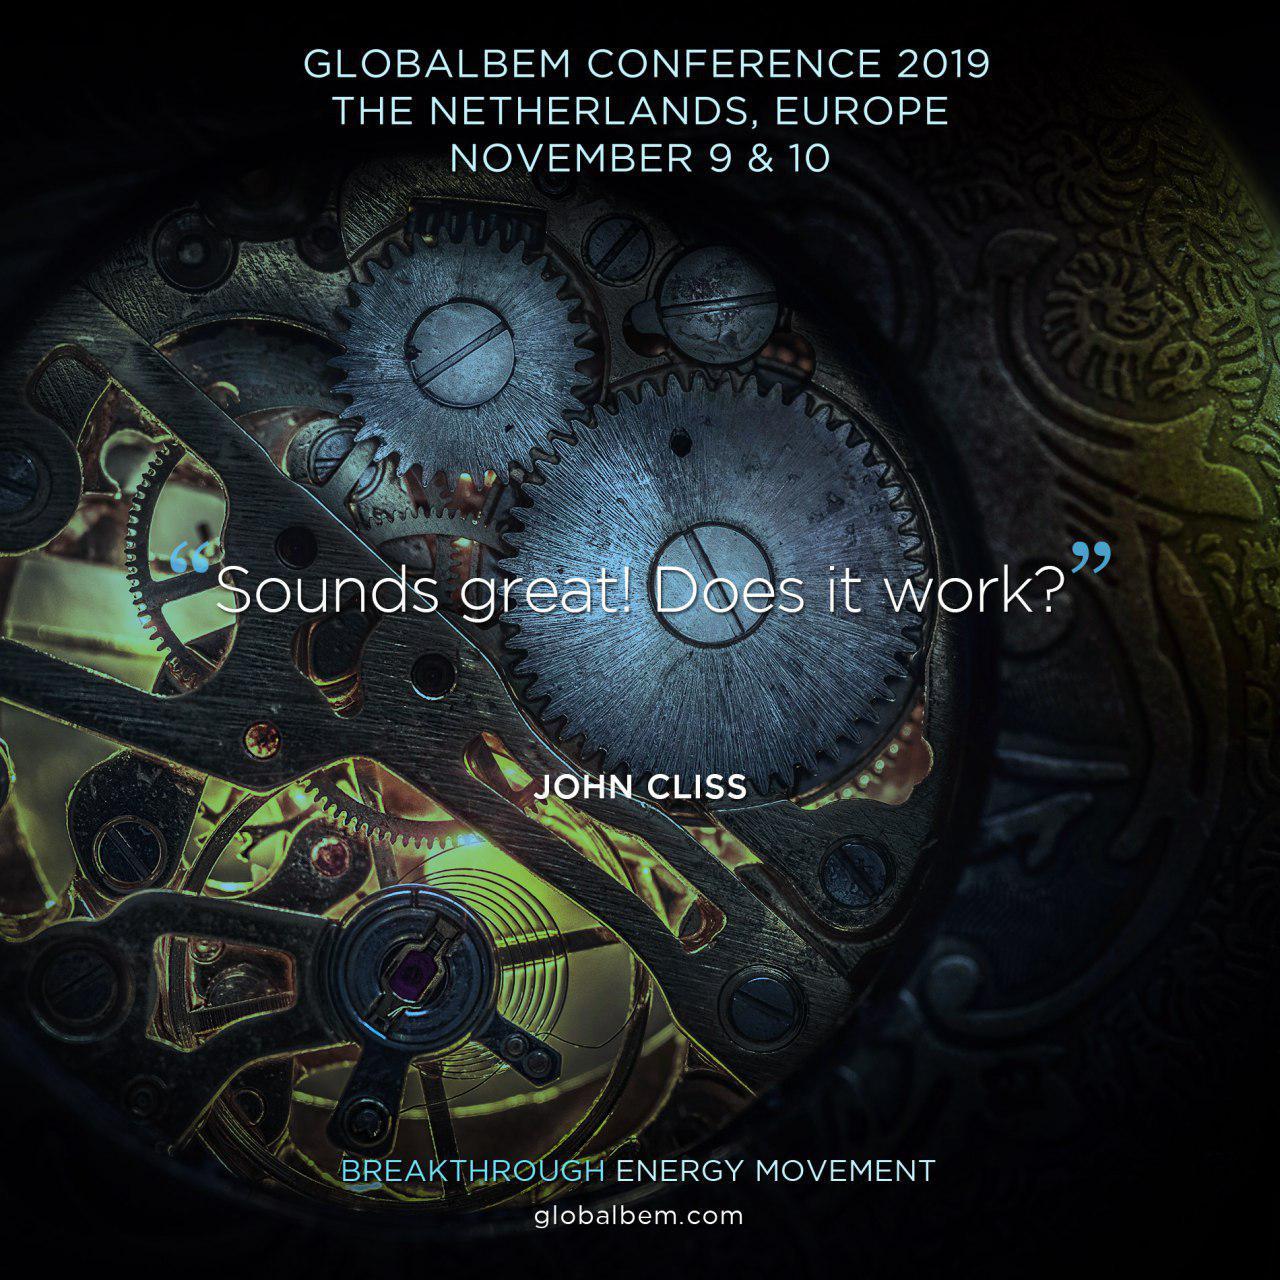 https://globalbem.com/wp-content/uploads/2019/10/john.jpg